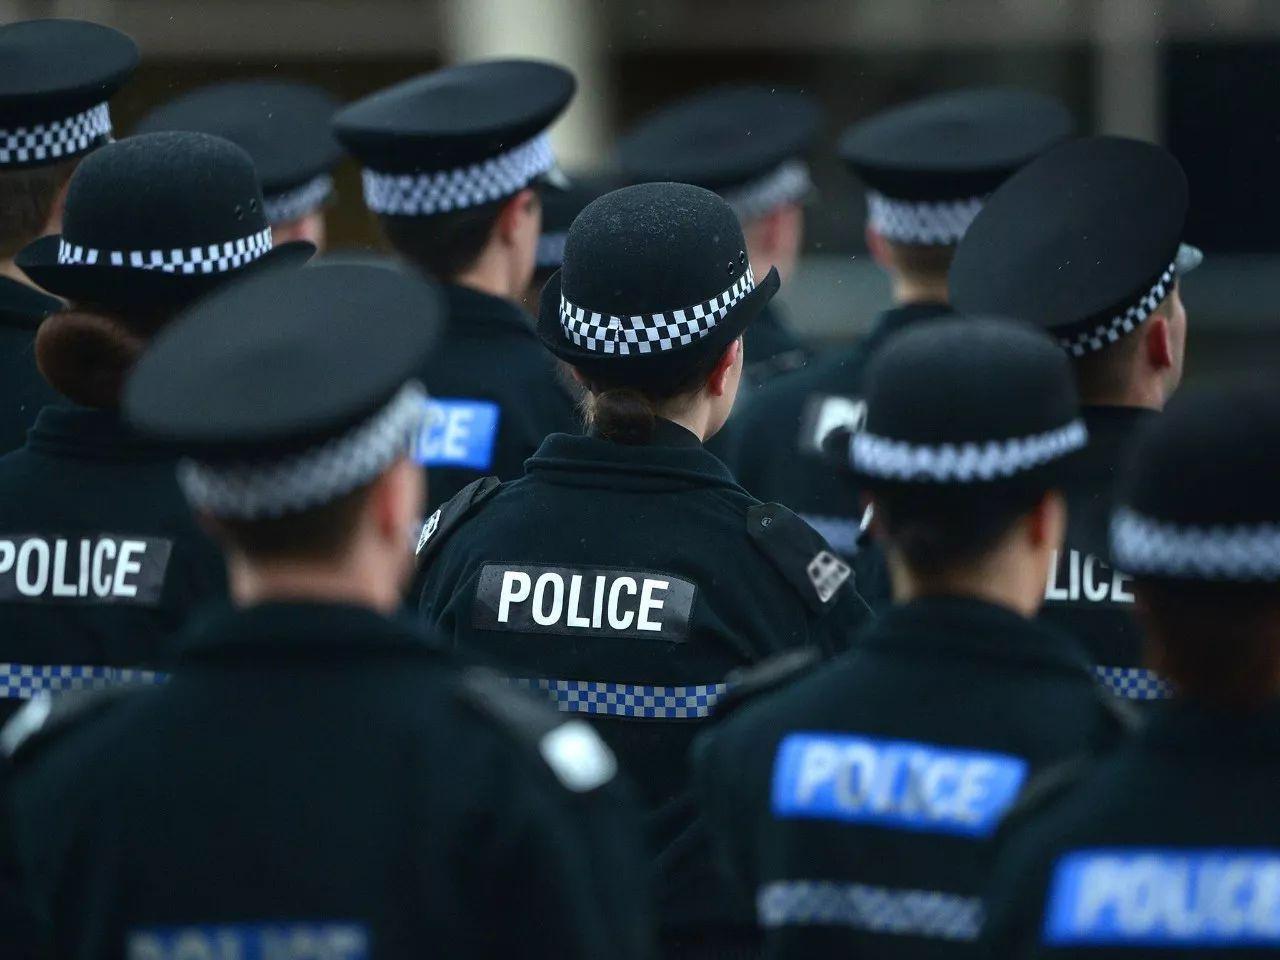 警察执法时动手,算不算违法?